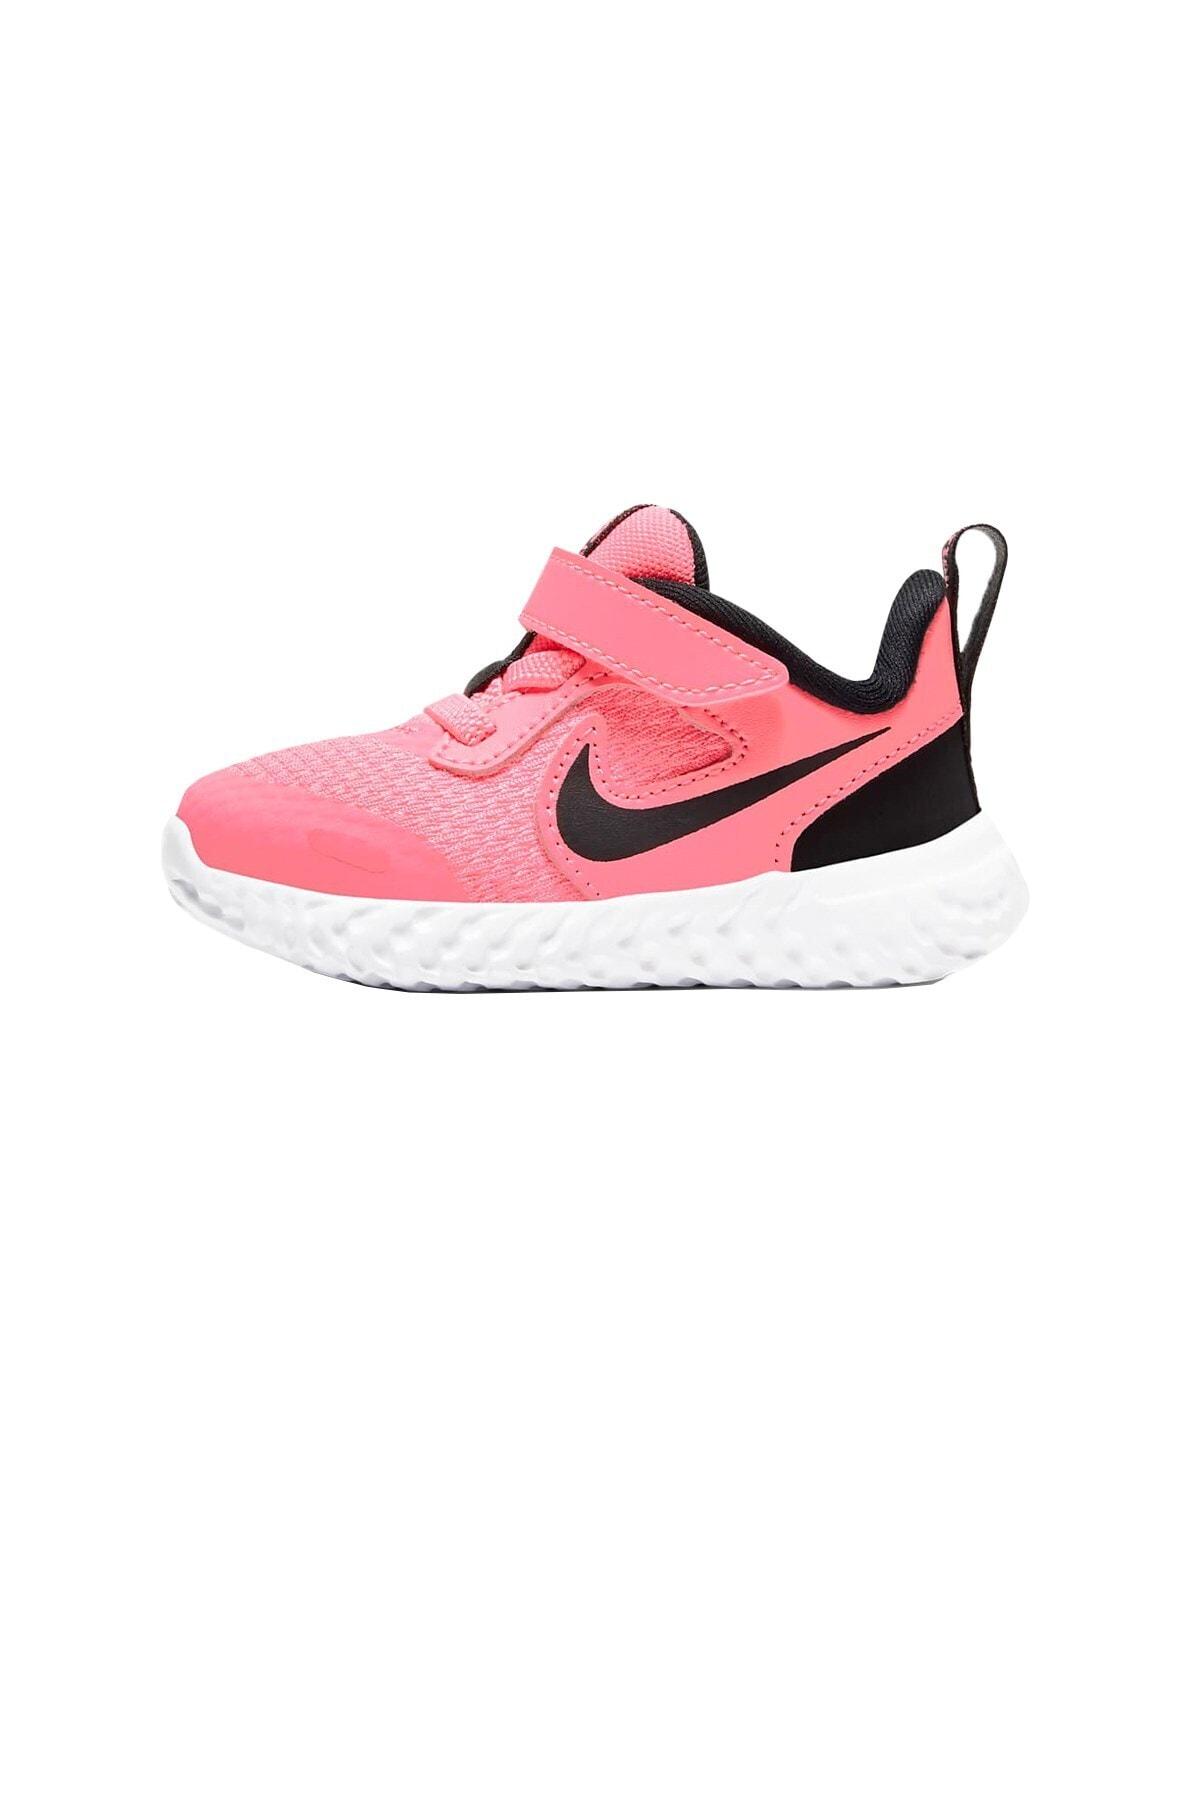 Nike Unisex Çocuk Pembe Revolutıon Spor Ayakkabı 5 Bq5673-602 1